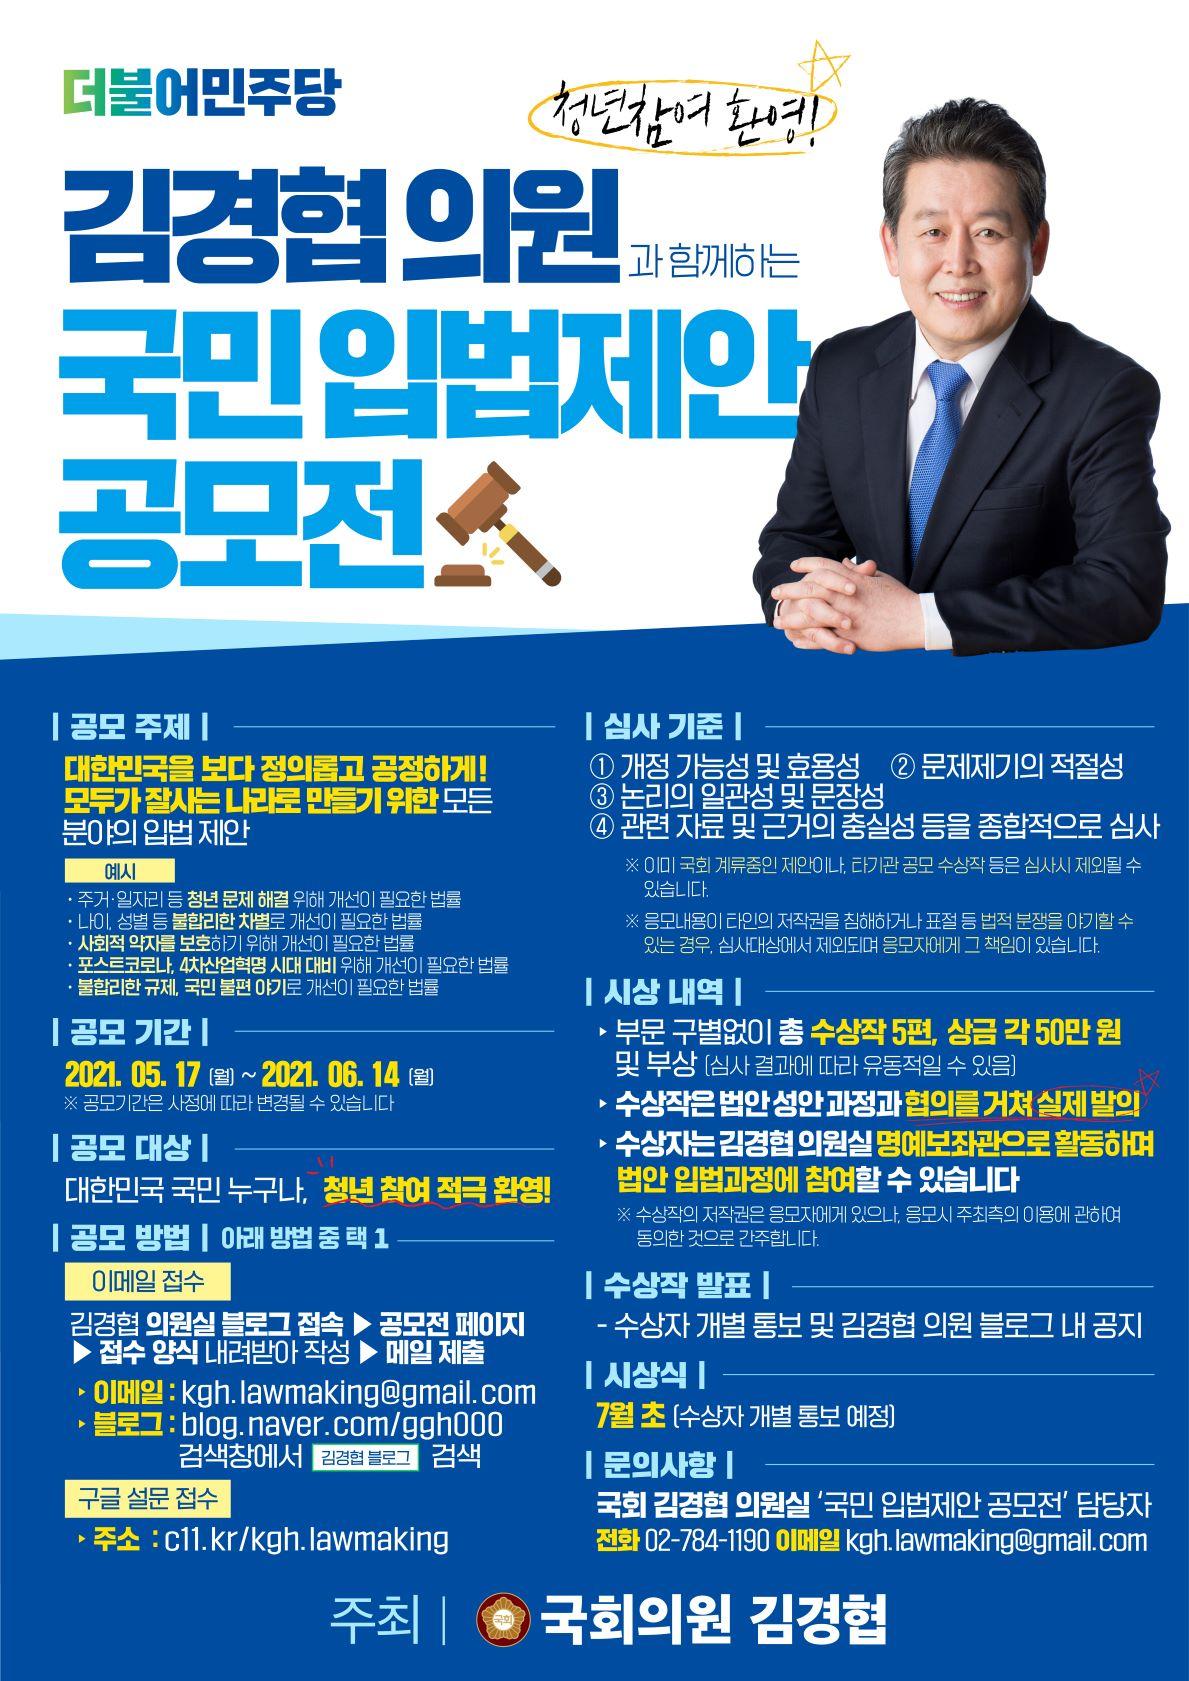 제1회 국민 입법제안 공모전 포스터(1).jpg